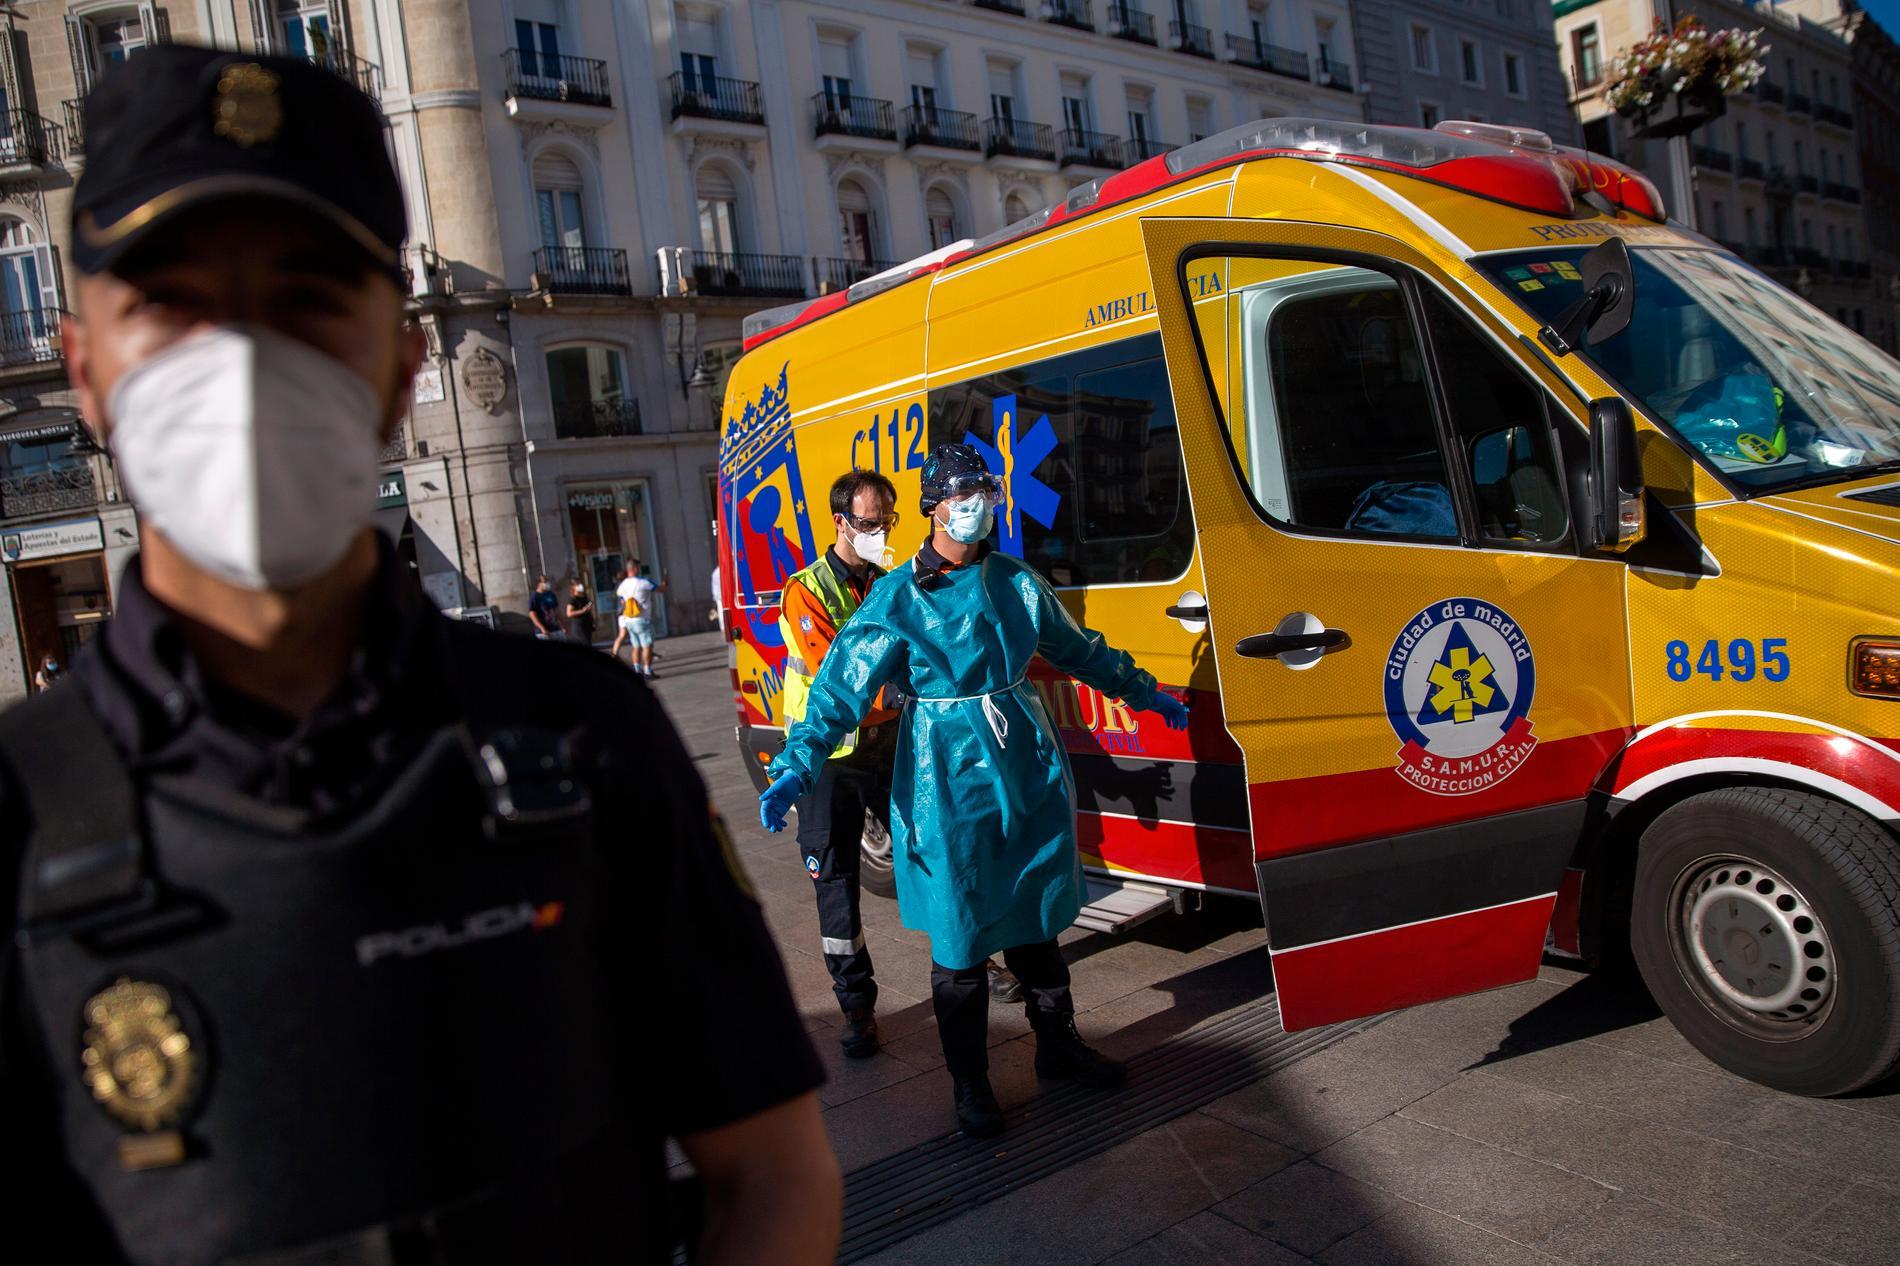 Antalet smittade ökar igen i Spanien, efter en tids nedgång. En vårdpersonal som desinficeras på gatan Puerta del Sol i Madrid, Spanien.